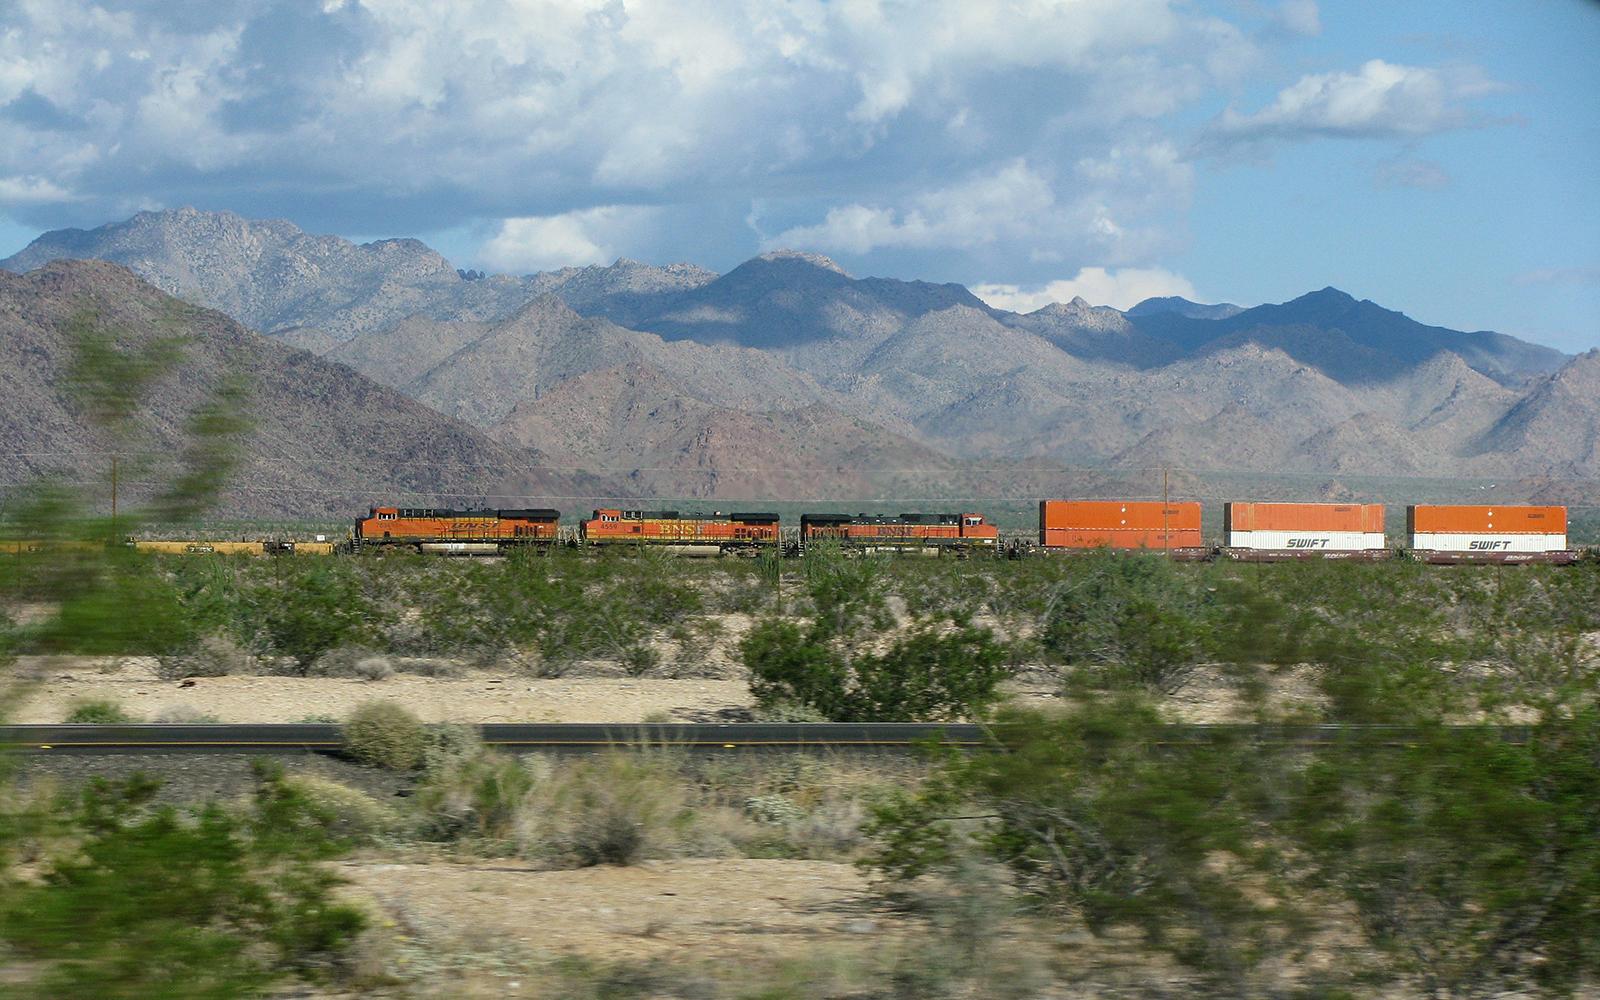 Foto: Westbound. Güterverkehr im tiefen Westen der USA Richtung Kalifornien. Fotografiert von railmen-Lokführer Andreas Kern auf einer Urlaubsreise in